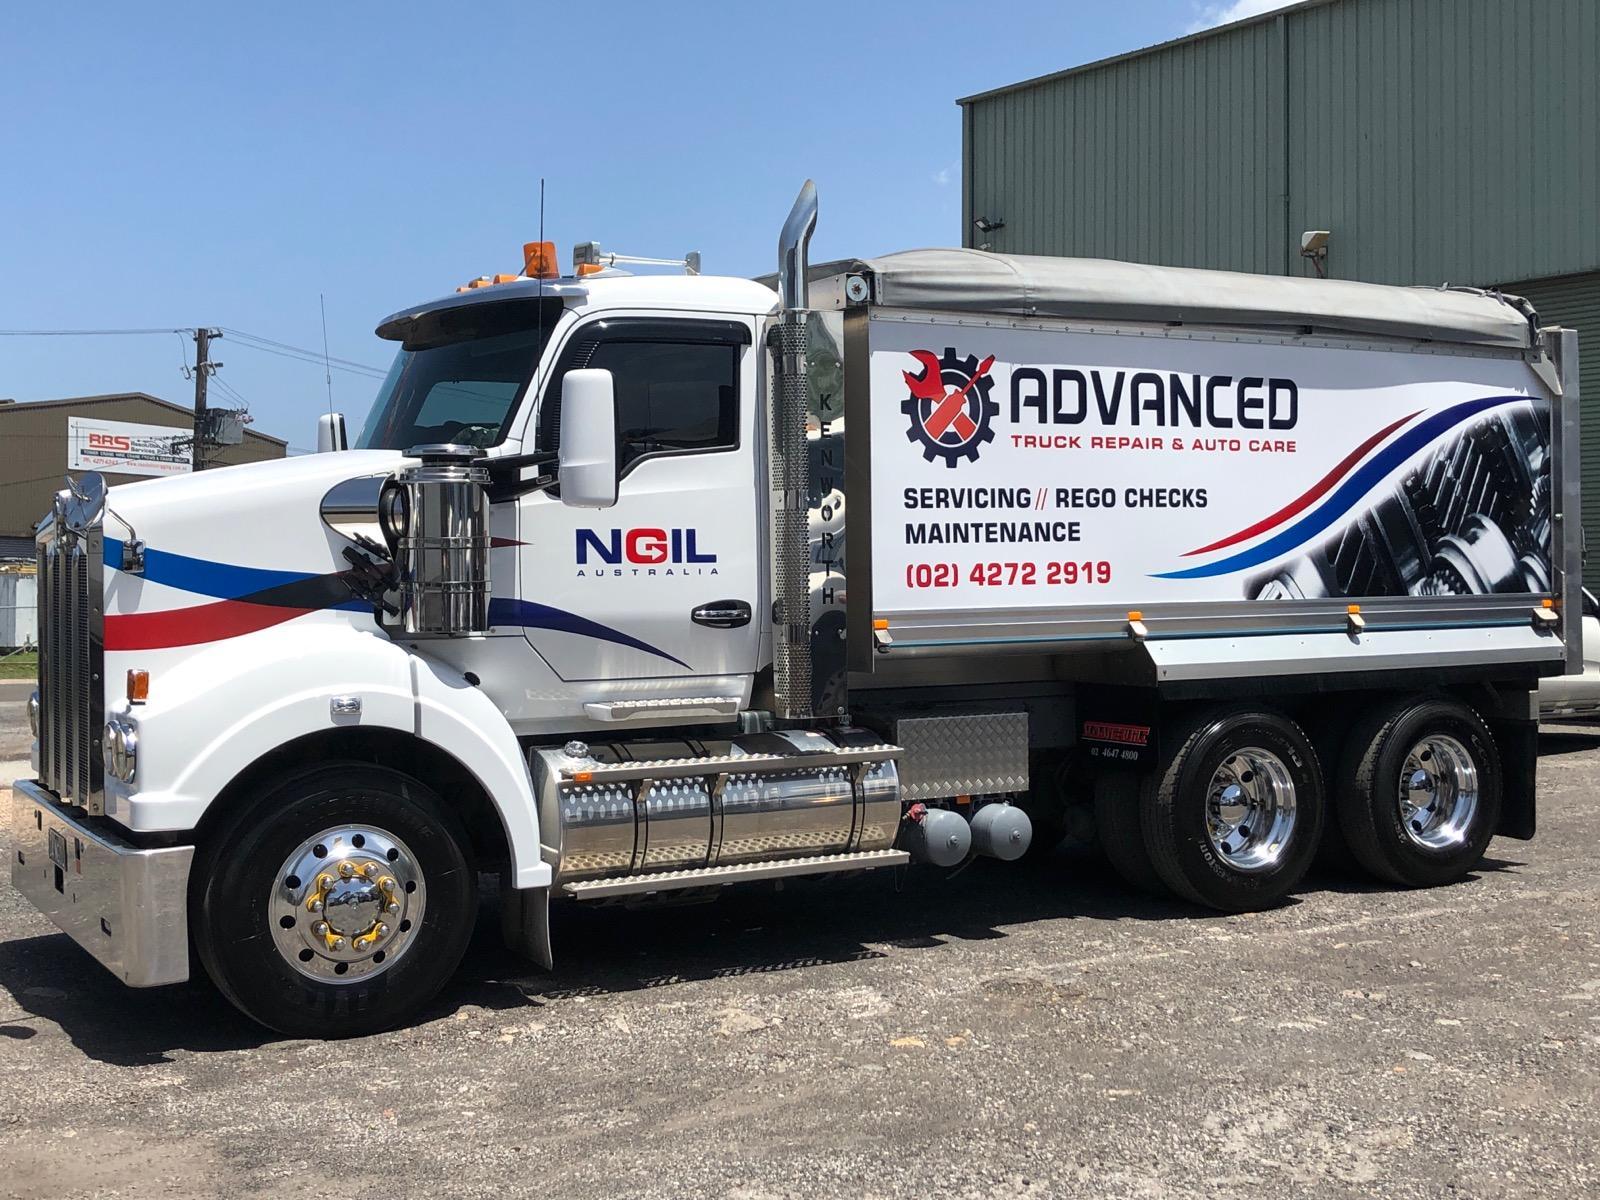 Advanced Truck Repair & Auto Care